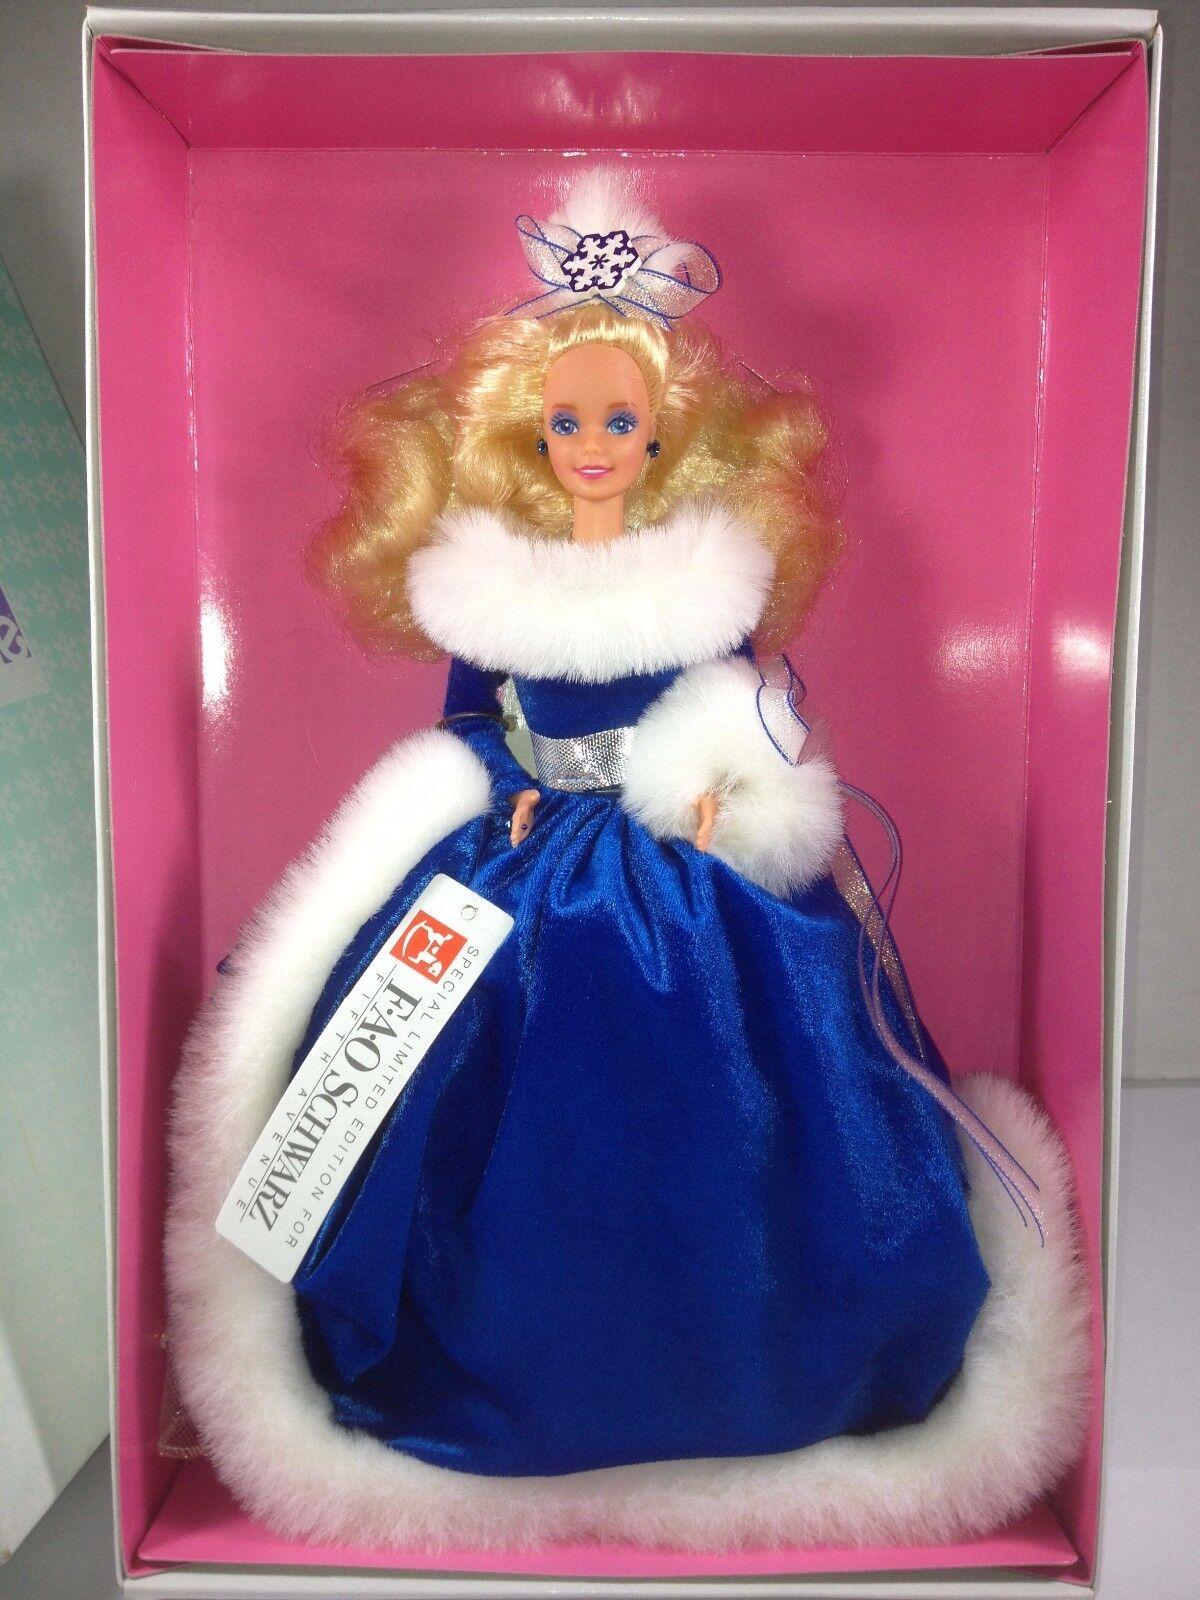 Fantasía De Invierno Muñeca Barbie Fao Schwartz edición SPEC 1990 Nuevo en caja nunca se muestra